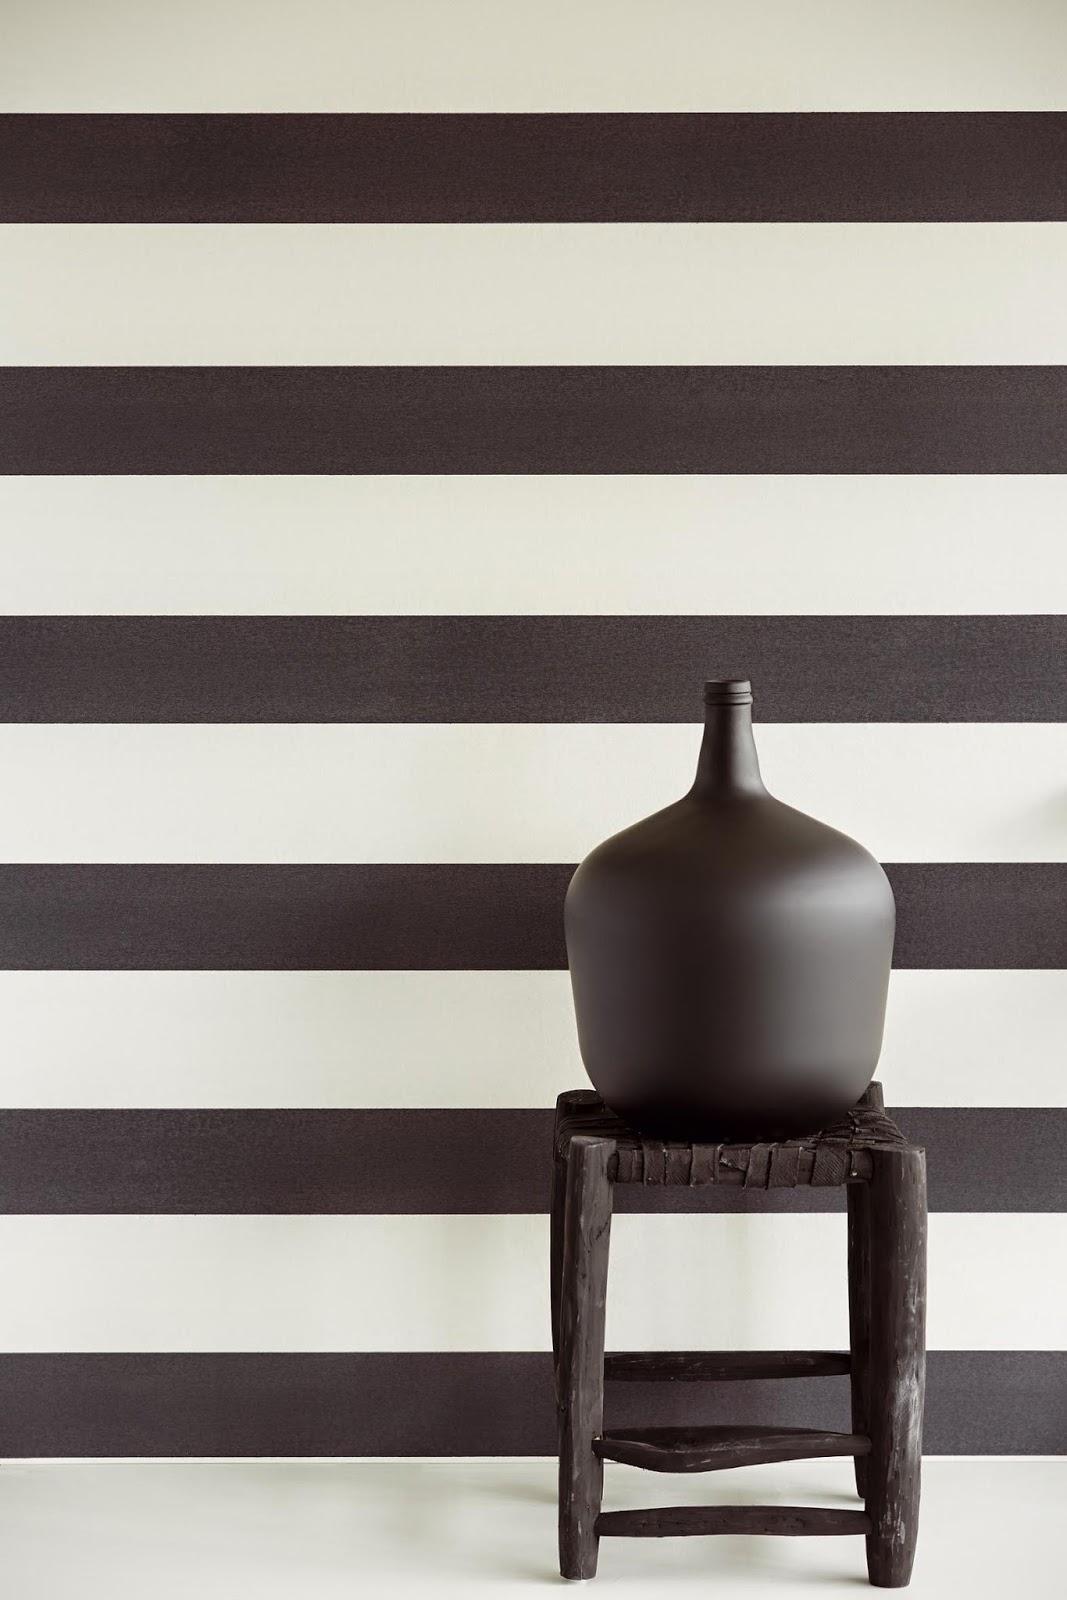 10 ideas para papel de pared decorativo - Papel decorado para paredes ...